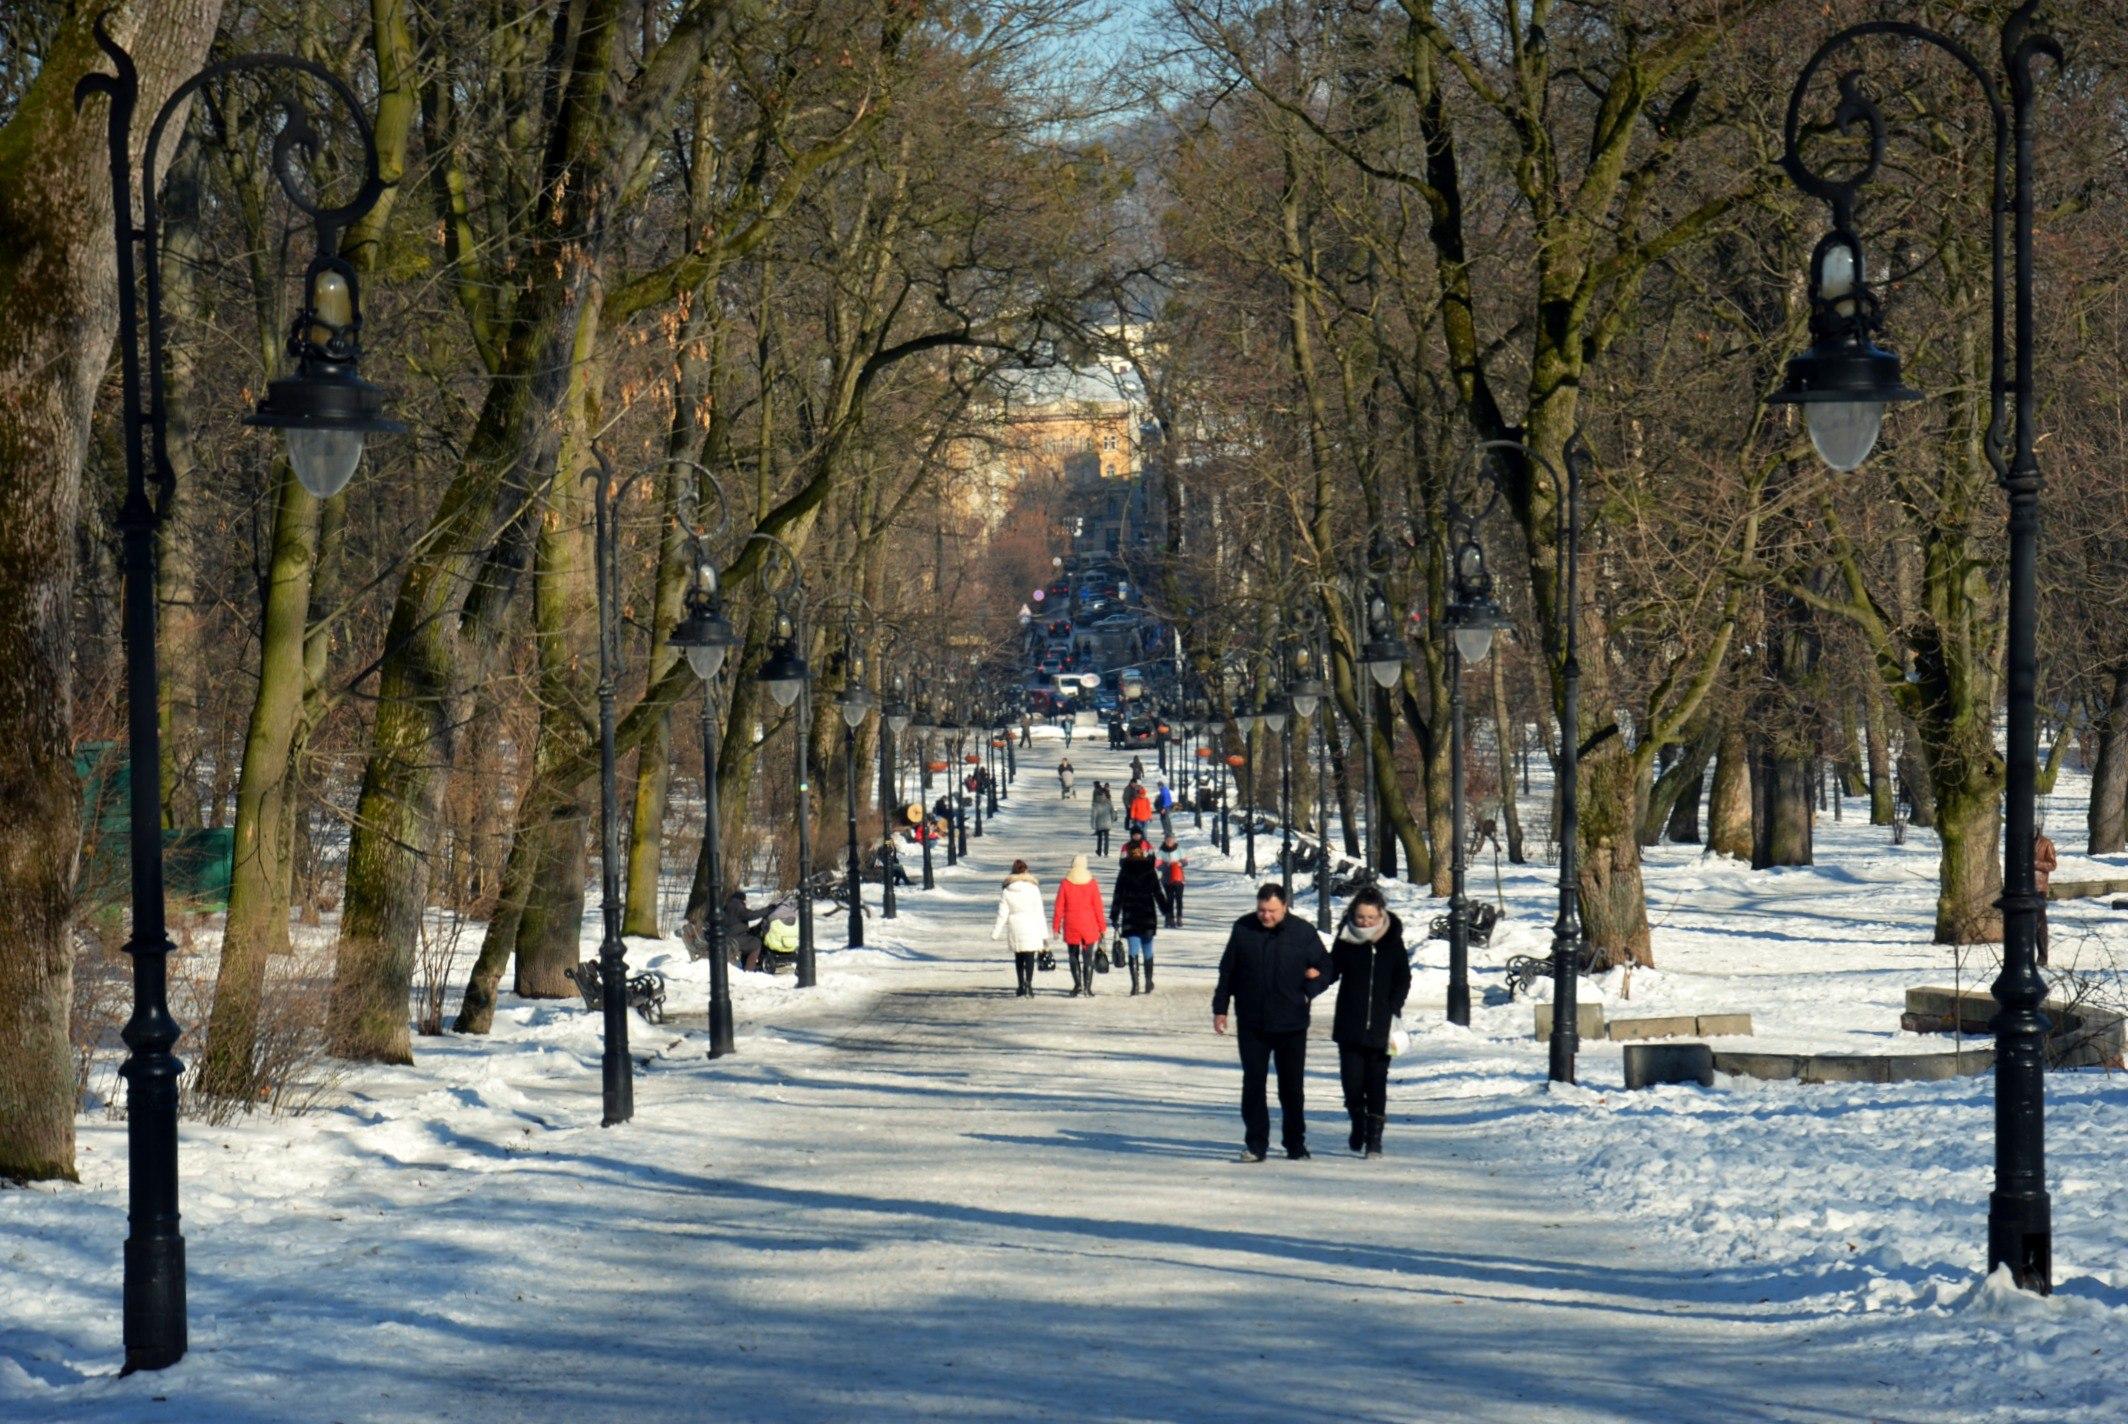 Прогноз погоди на вихідні  у Львові засвітиться сонце  910a9fa9b9cca